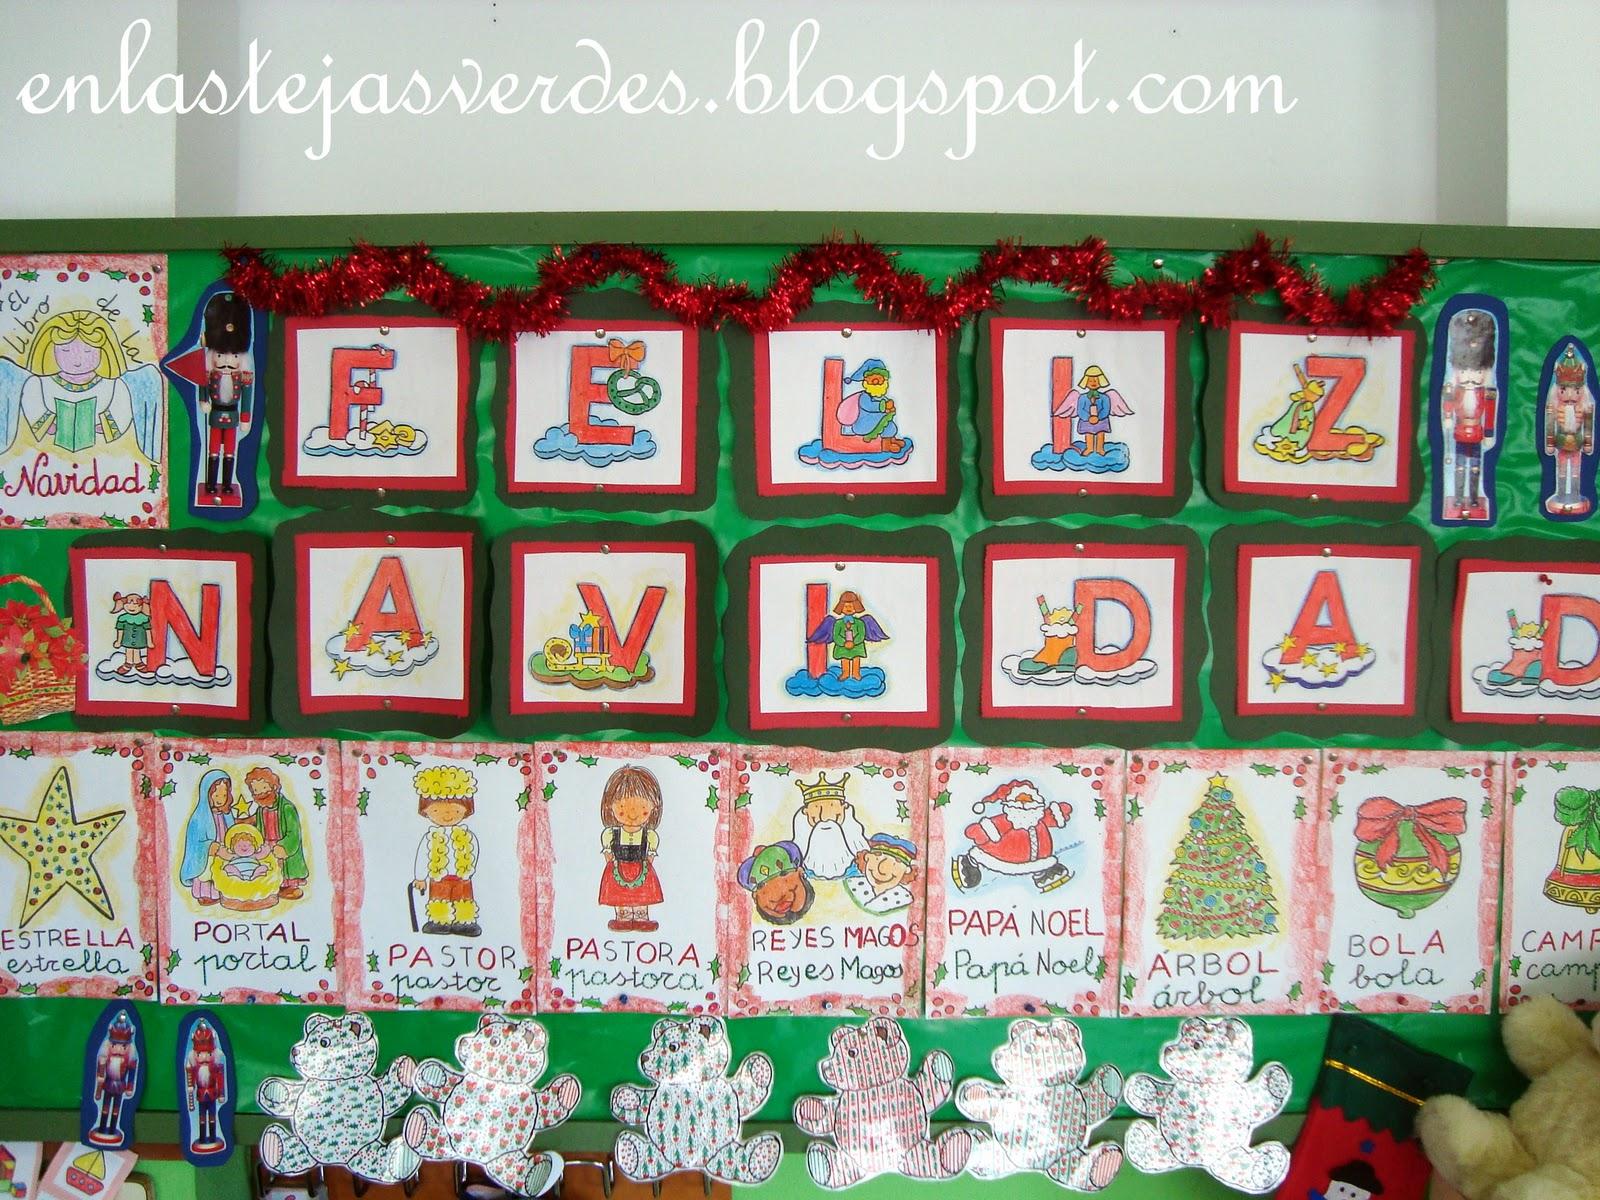 Tejas verdes mural y libro de la navidad - Murales decorativos de navidad ...